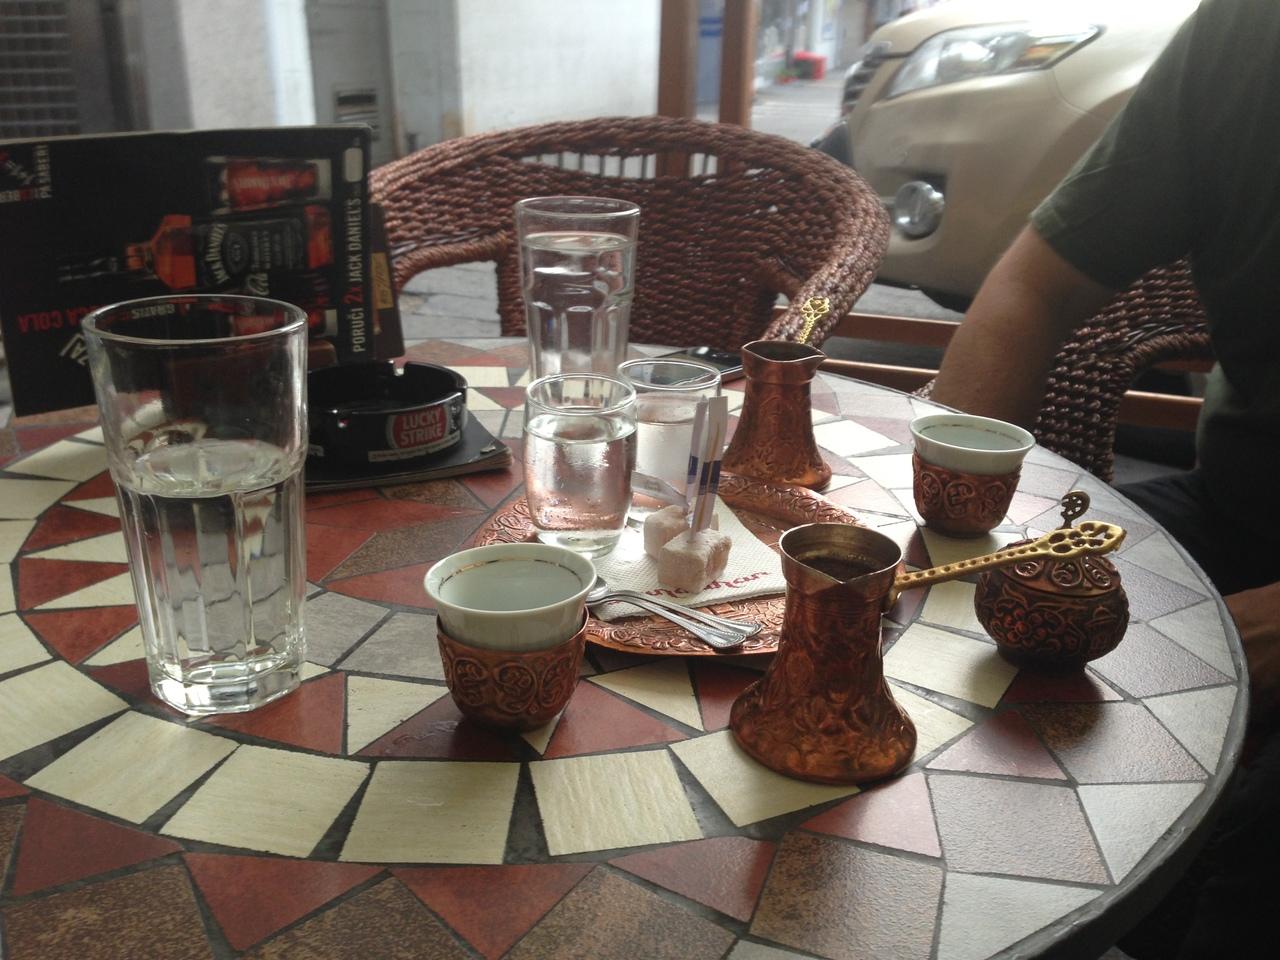 Türkischer Kaffee serviert im Kännchen mit Lokum und einem Glas Wasser.